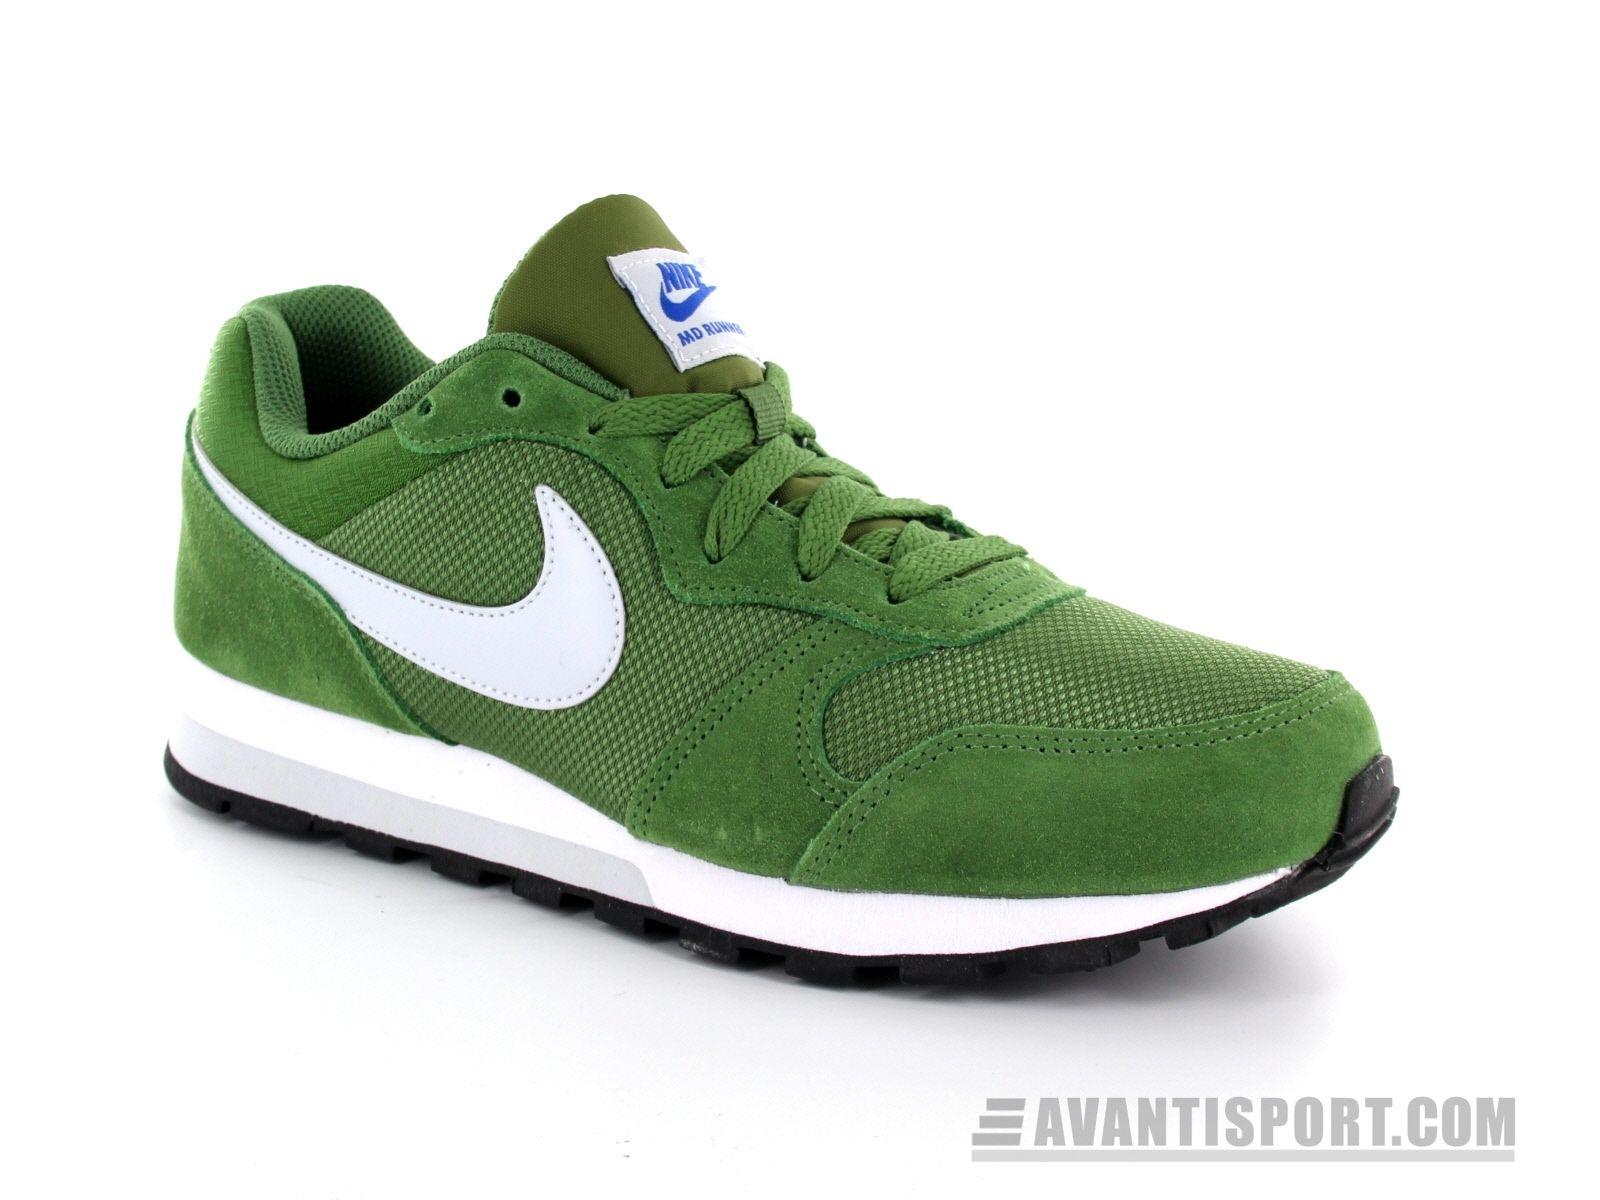 Nike - Wmns MD Runner 2 - Groene Sneaker | Sneaker, Suede, Nike